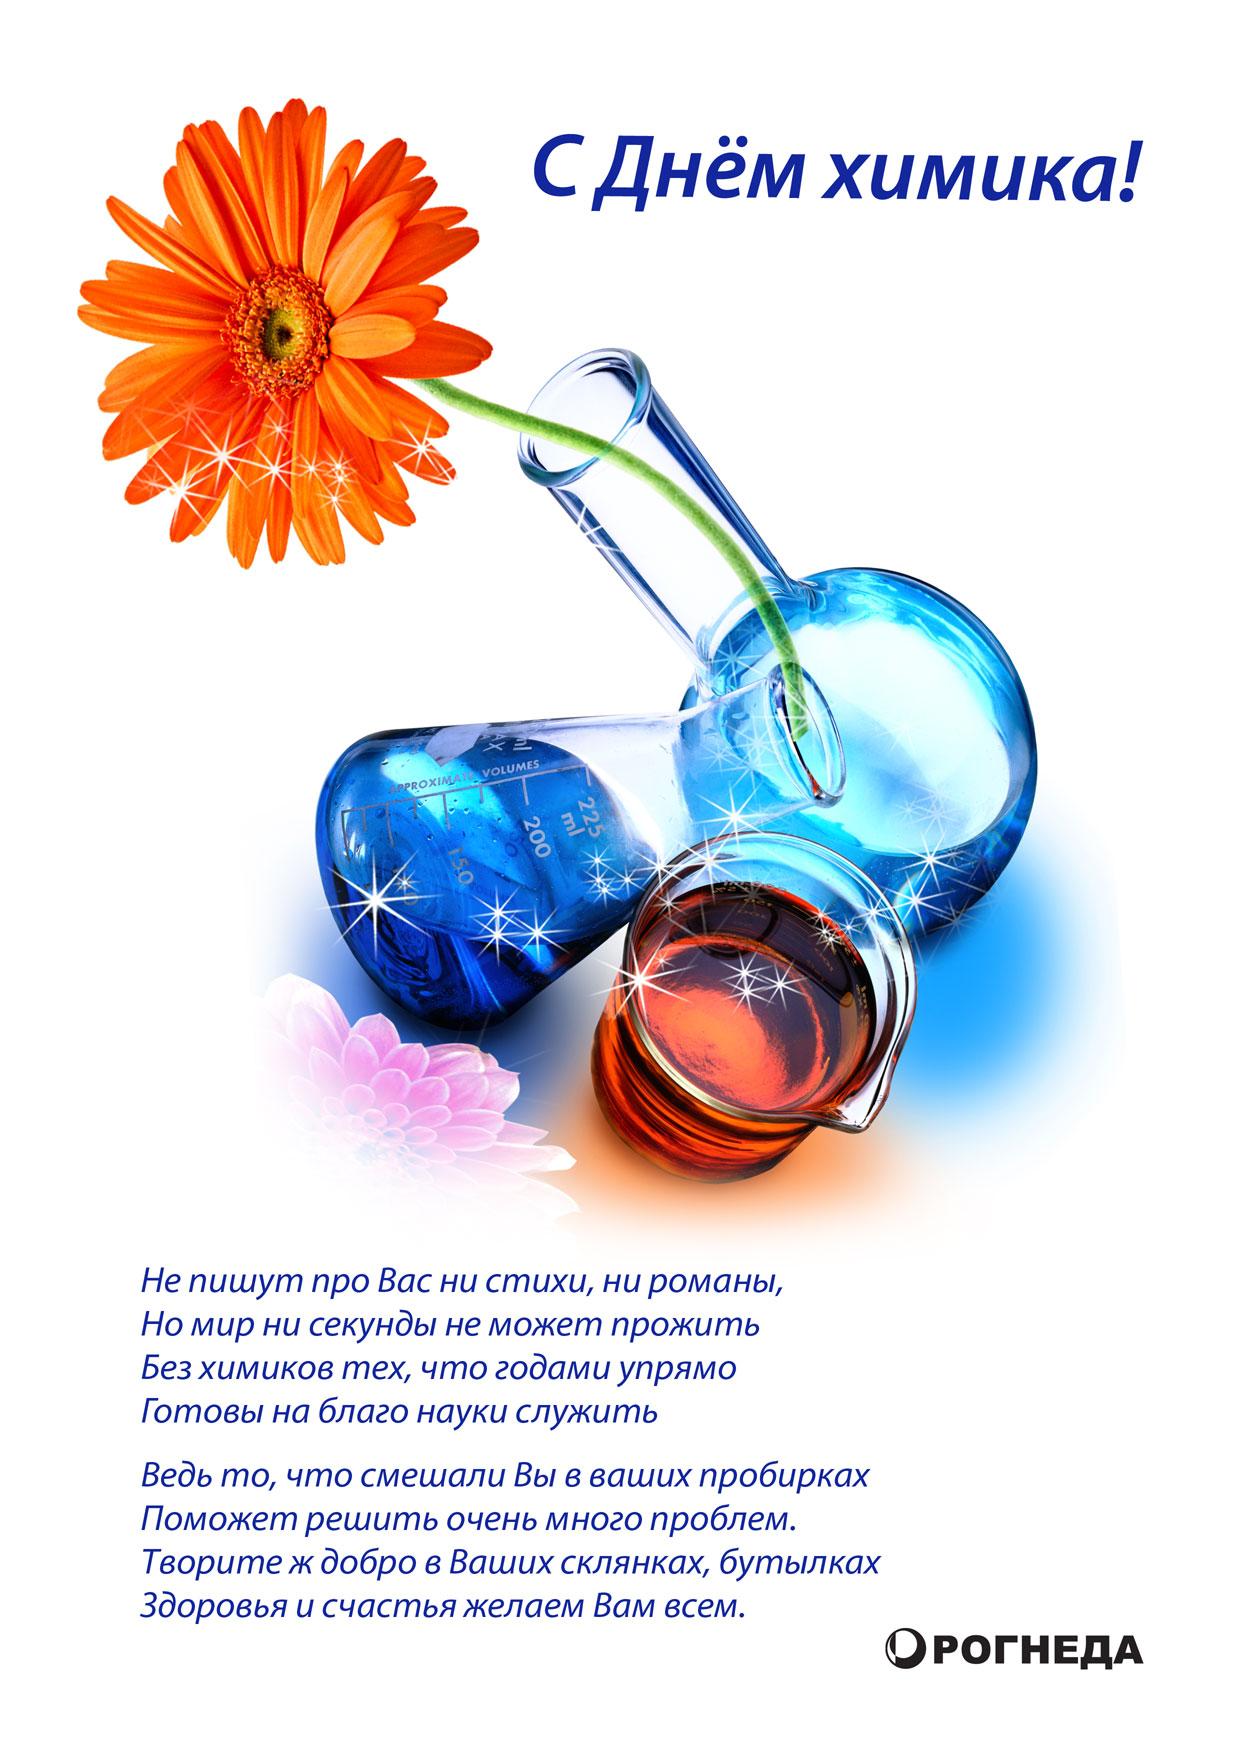 Фото поздравление химикам